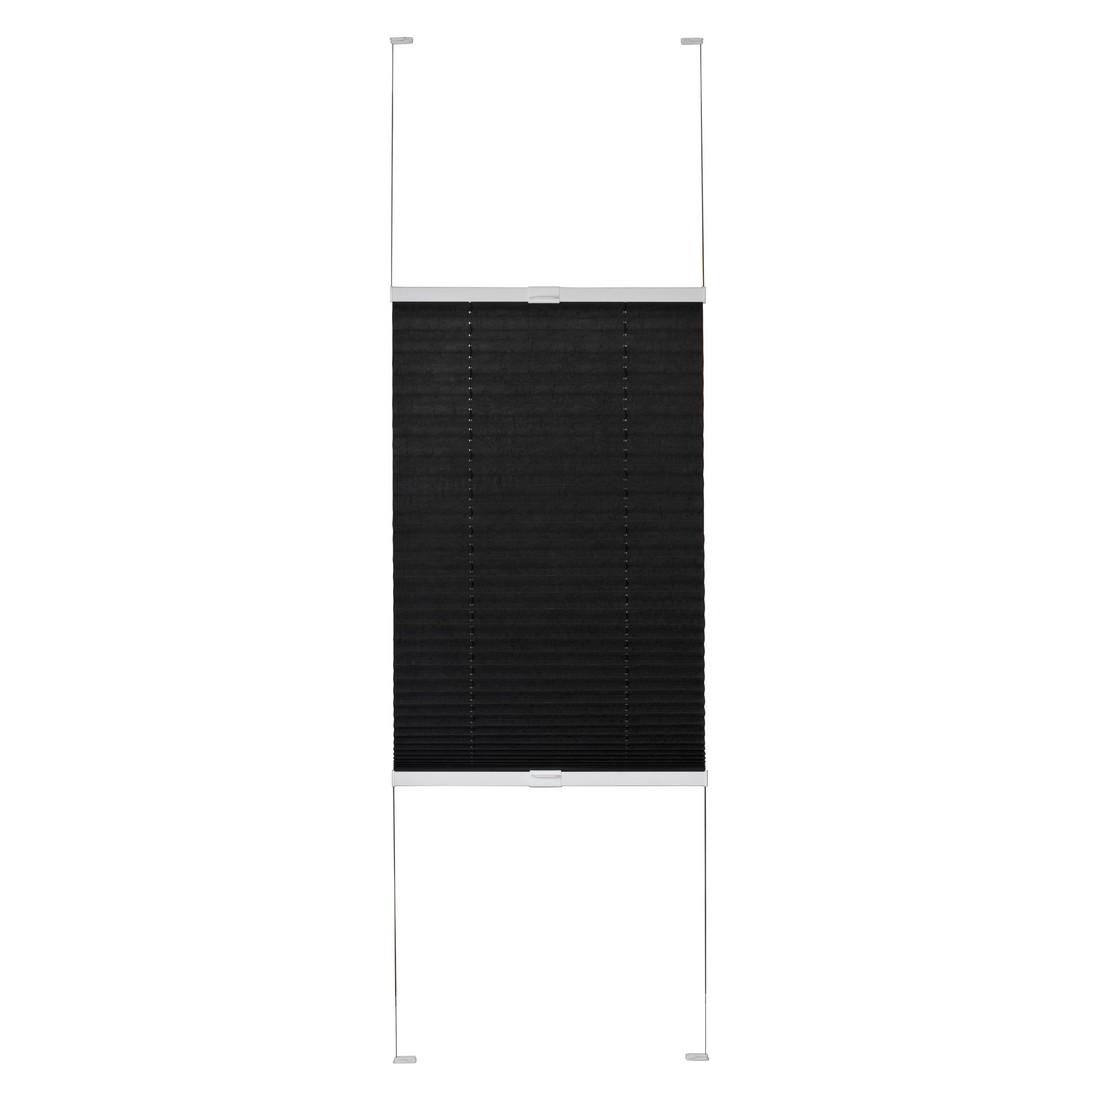 Plissee Tokio (Breite 100-200 cm) – verpannt – Anthrazit – Breite: 100 cm Höhe: 240 cm, Sandega online bestellen